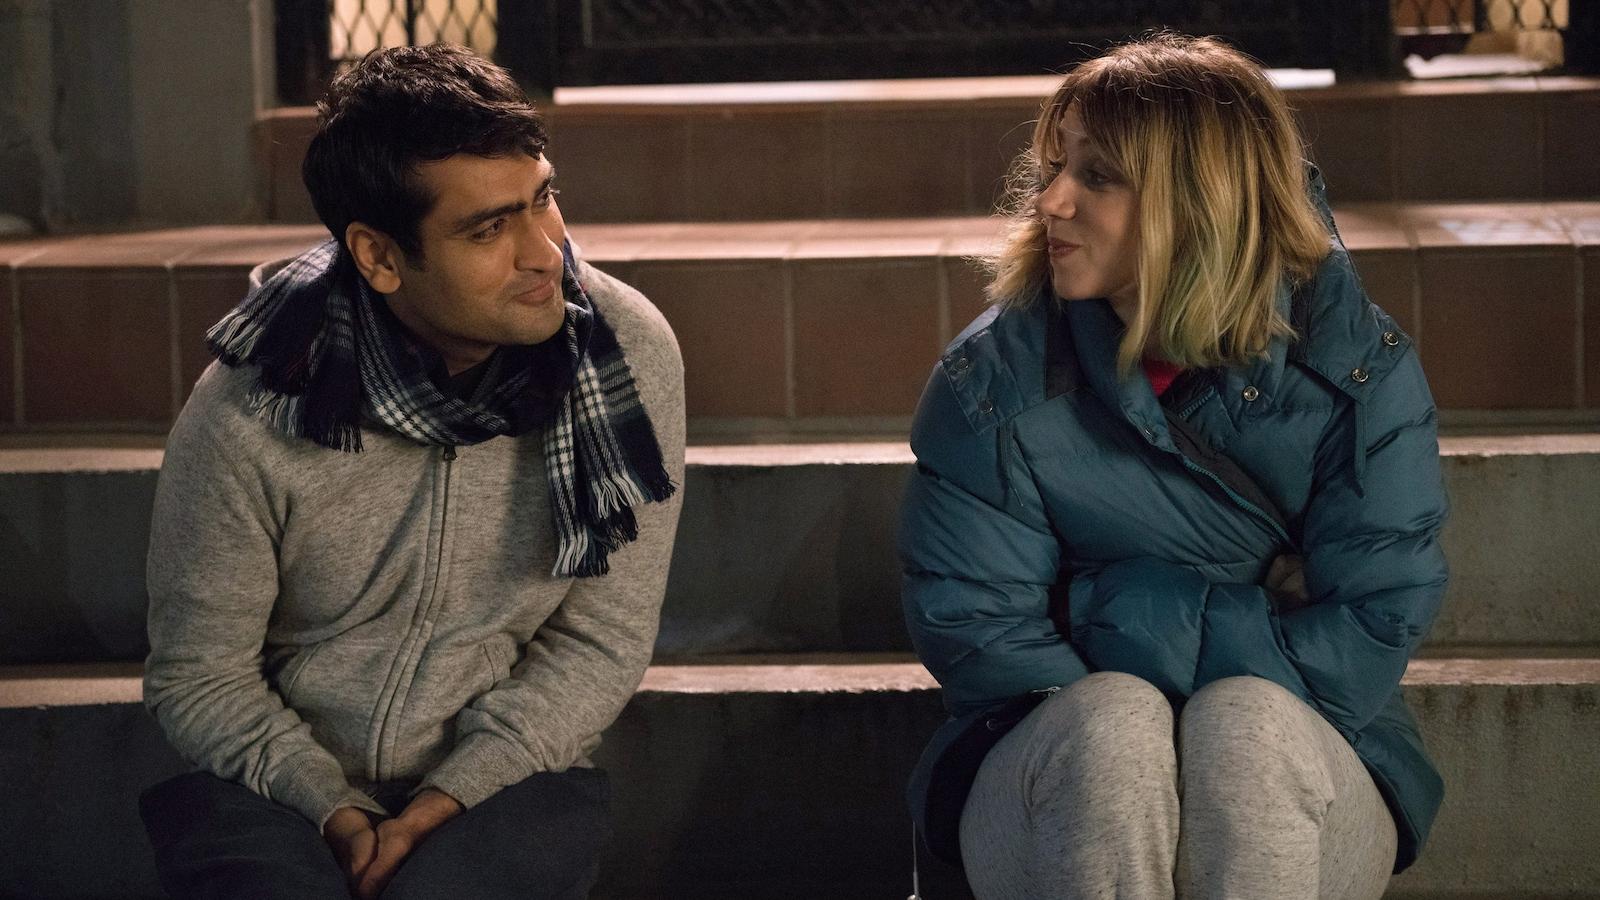 Une scène du film <i>Mal d'amour</i>, mettant en vedette Kumail Nanjiani et Zoe Kazan.